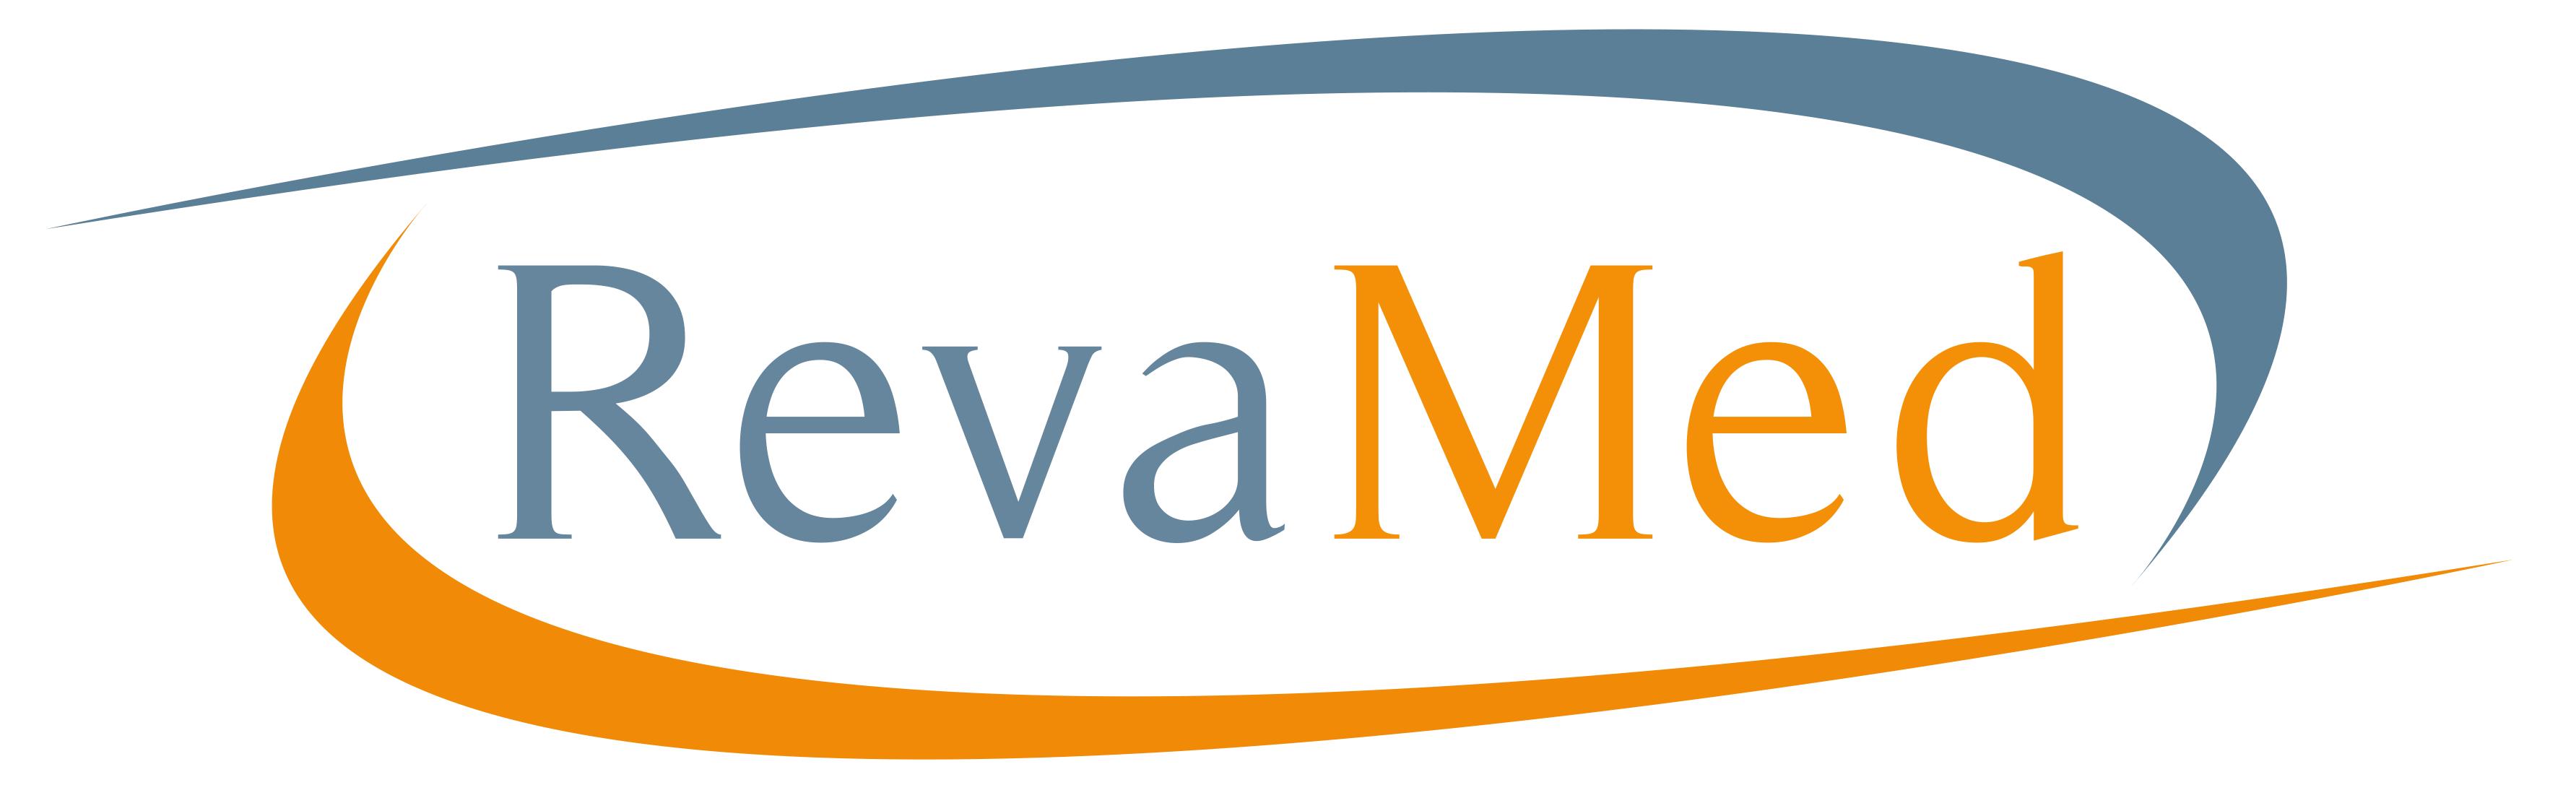 RevaMed - PM3O